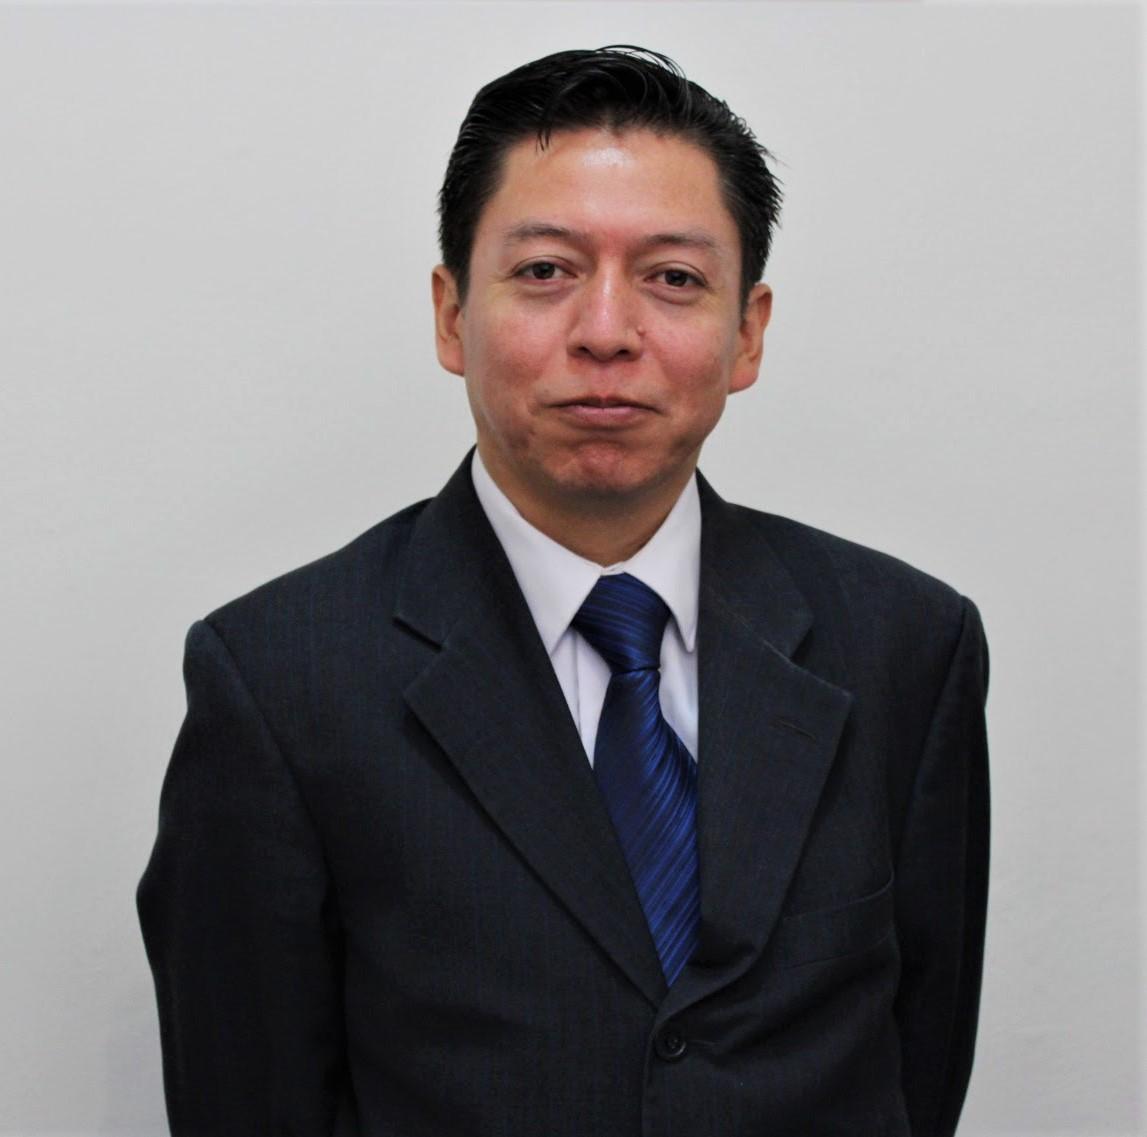 Raymundo Martínez